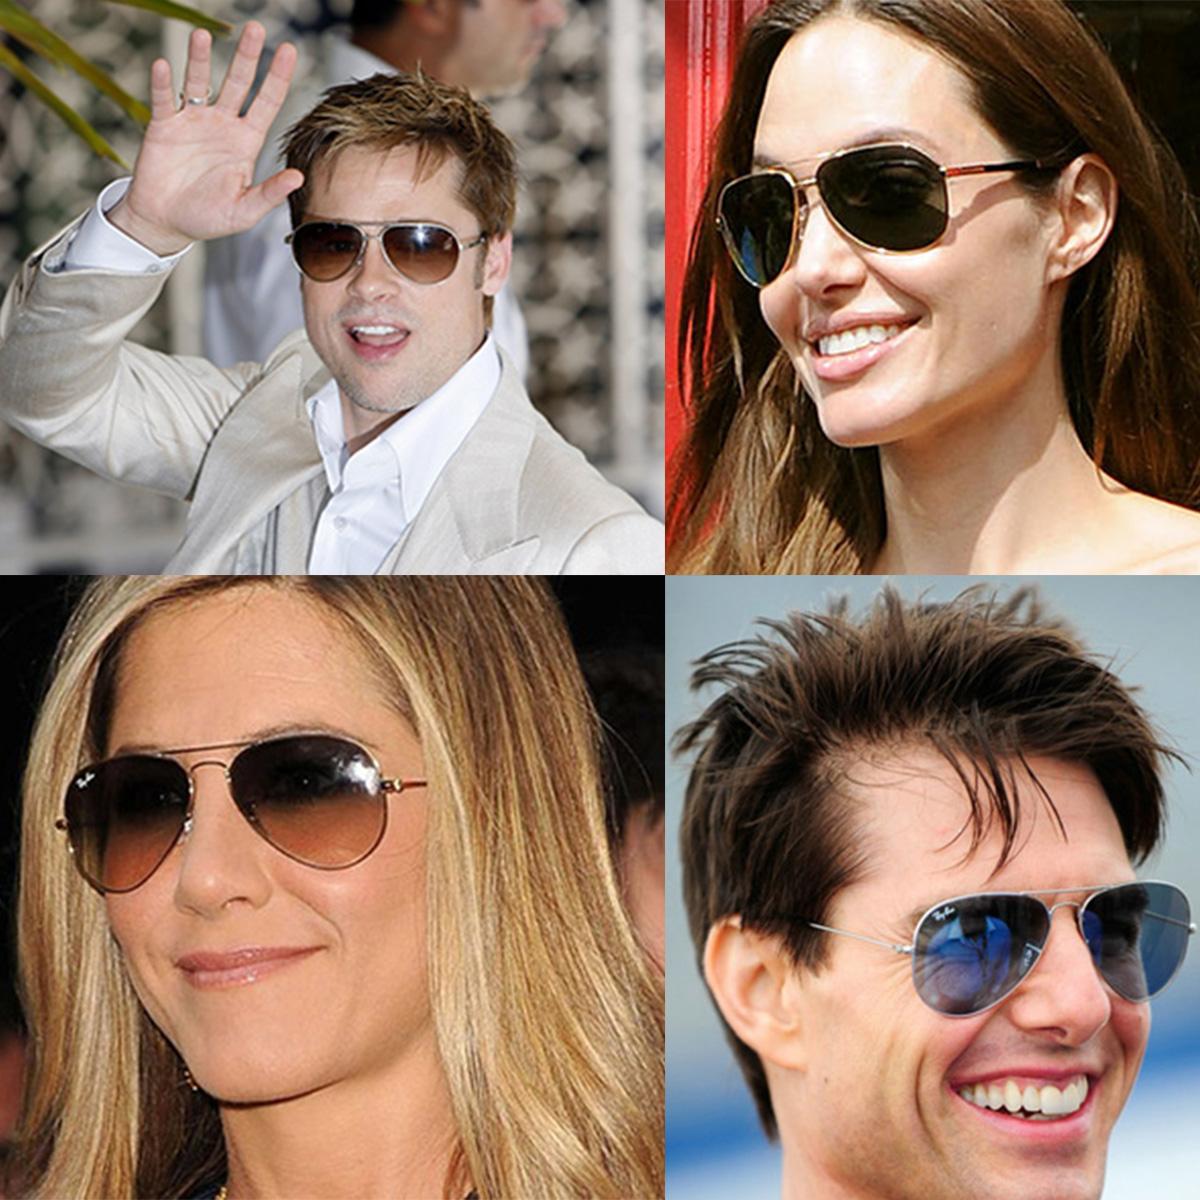 ade25a6a5 Os óculos de sol Ray Ban são uma marca usada por muitos famosos!